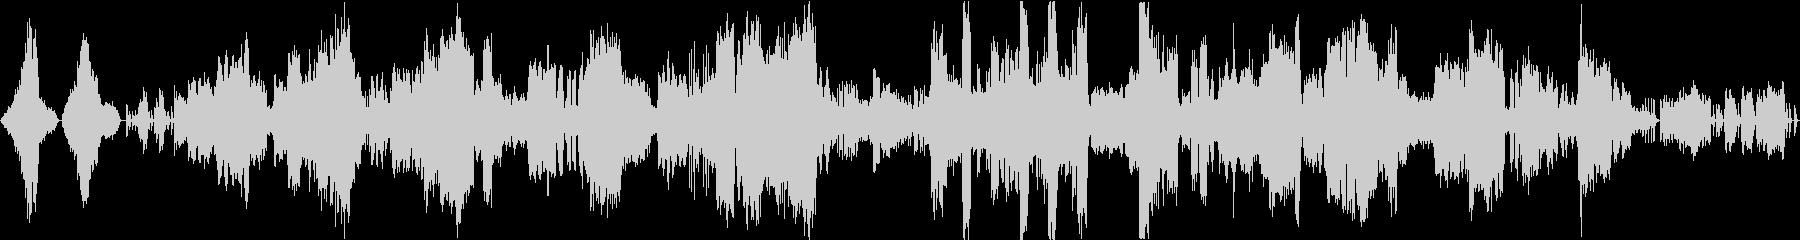 カミーユ・サン=サーンスのカバーの未再生の波形